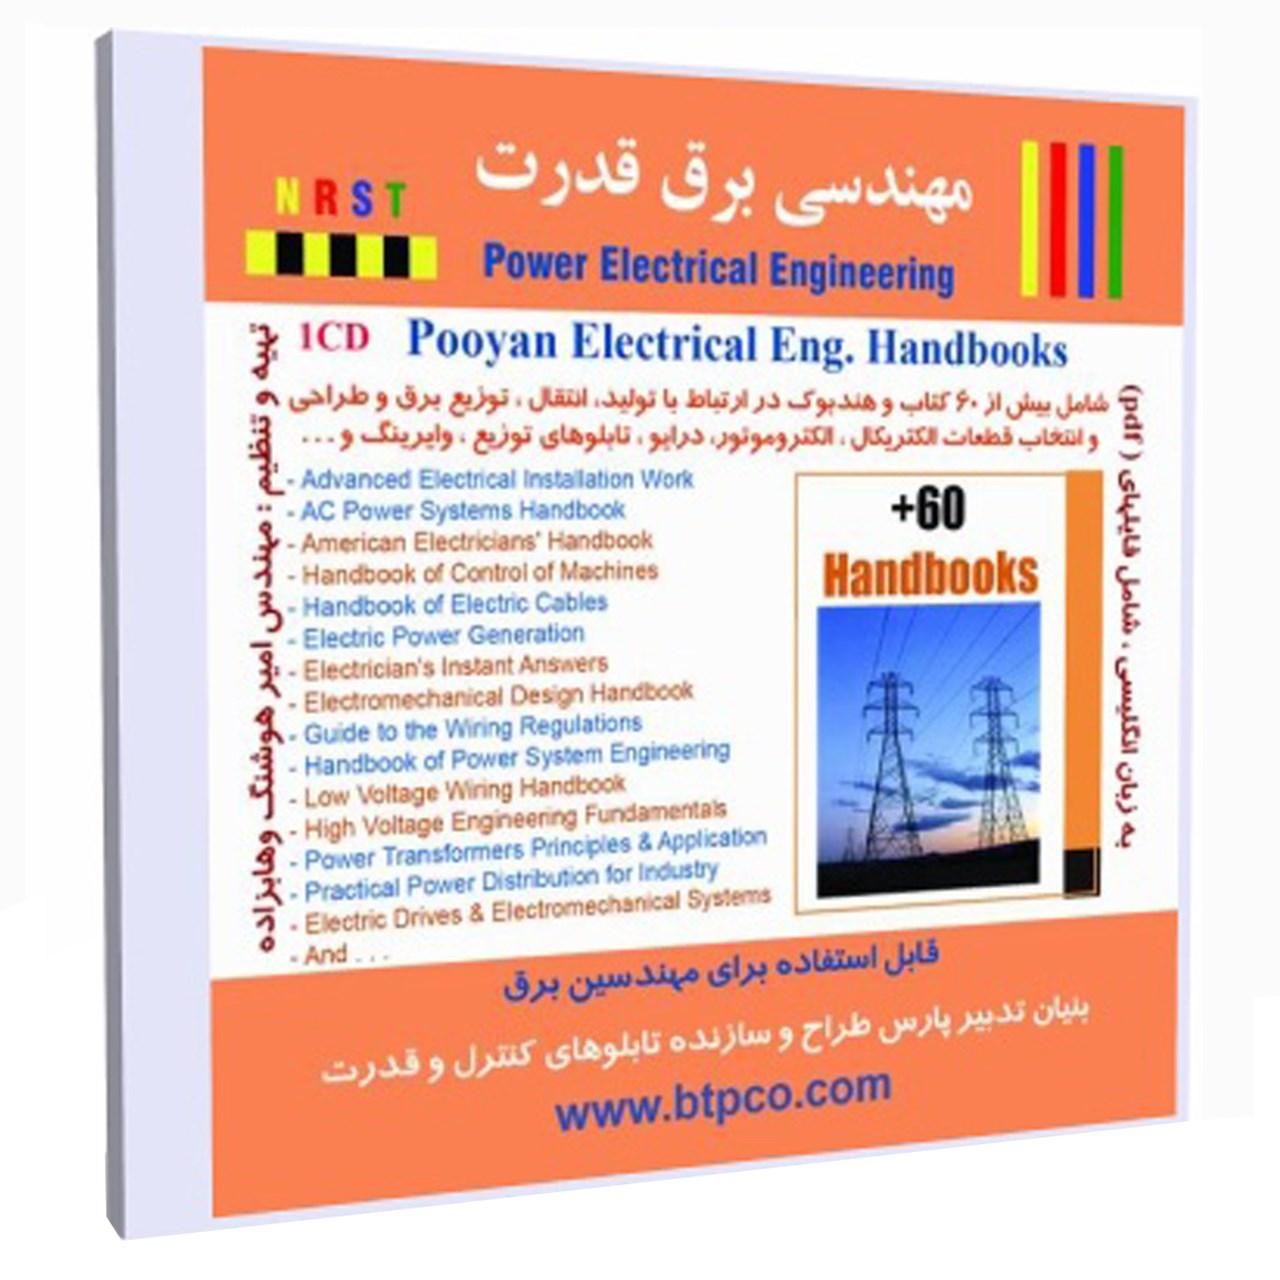 نرم افزار آموزش مهندسی برق و قدرت نشر نوآوران